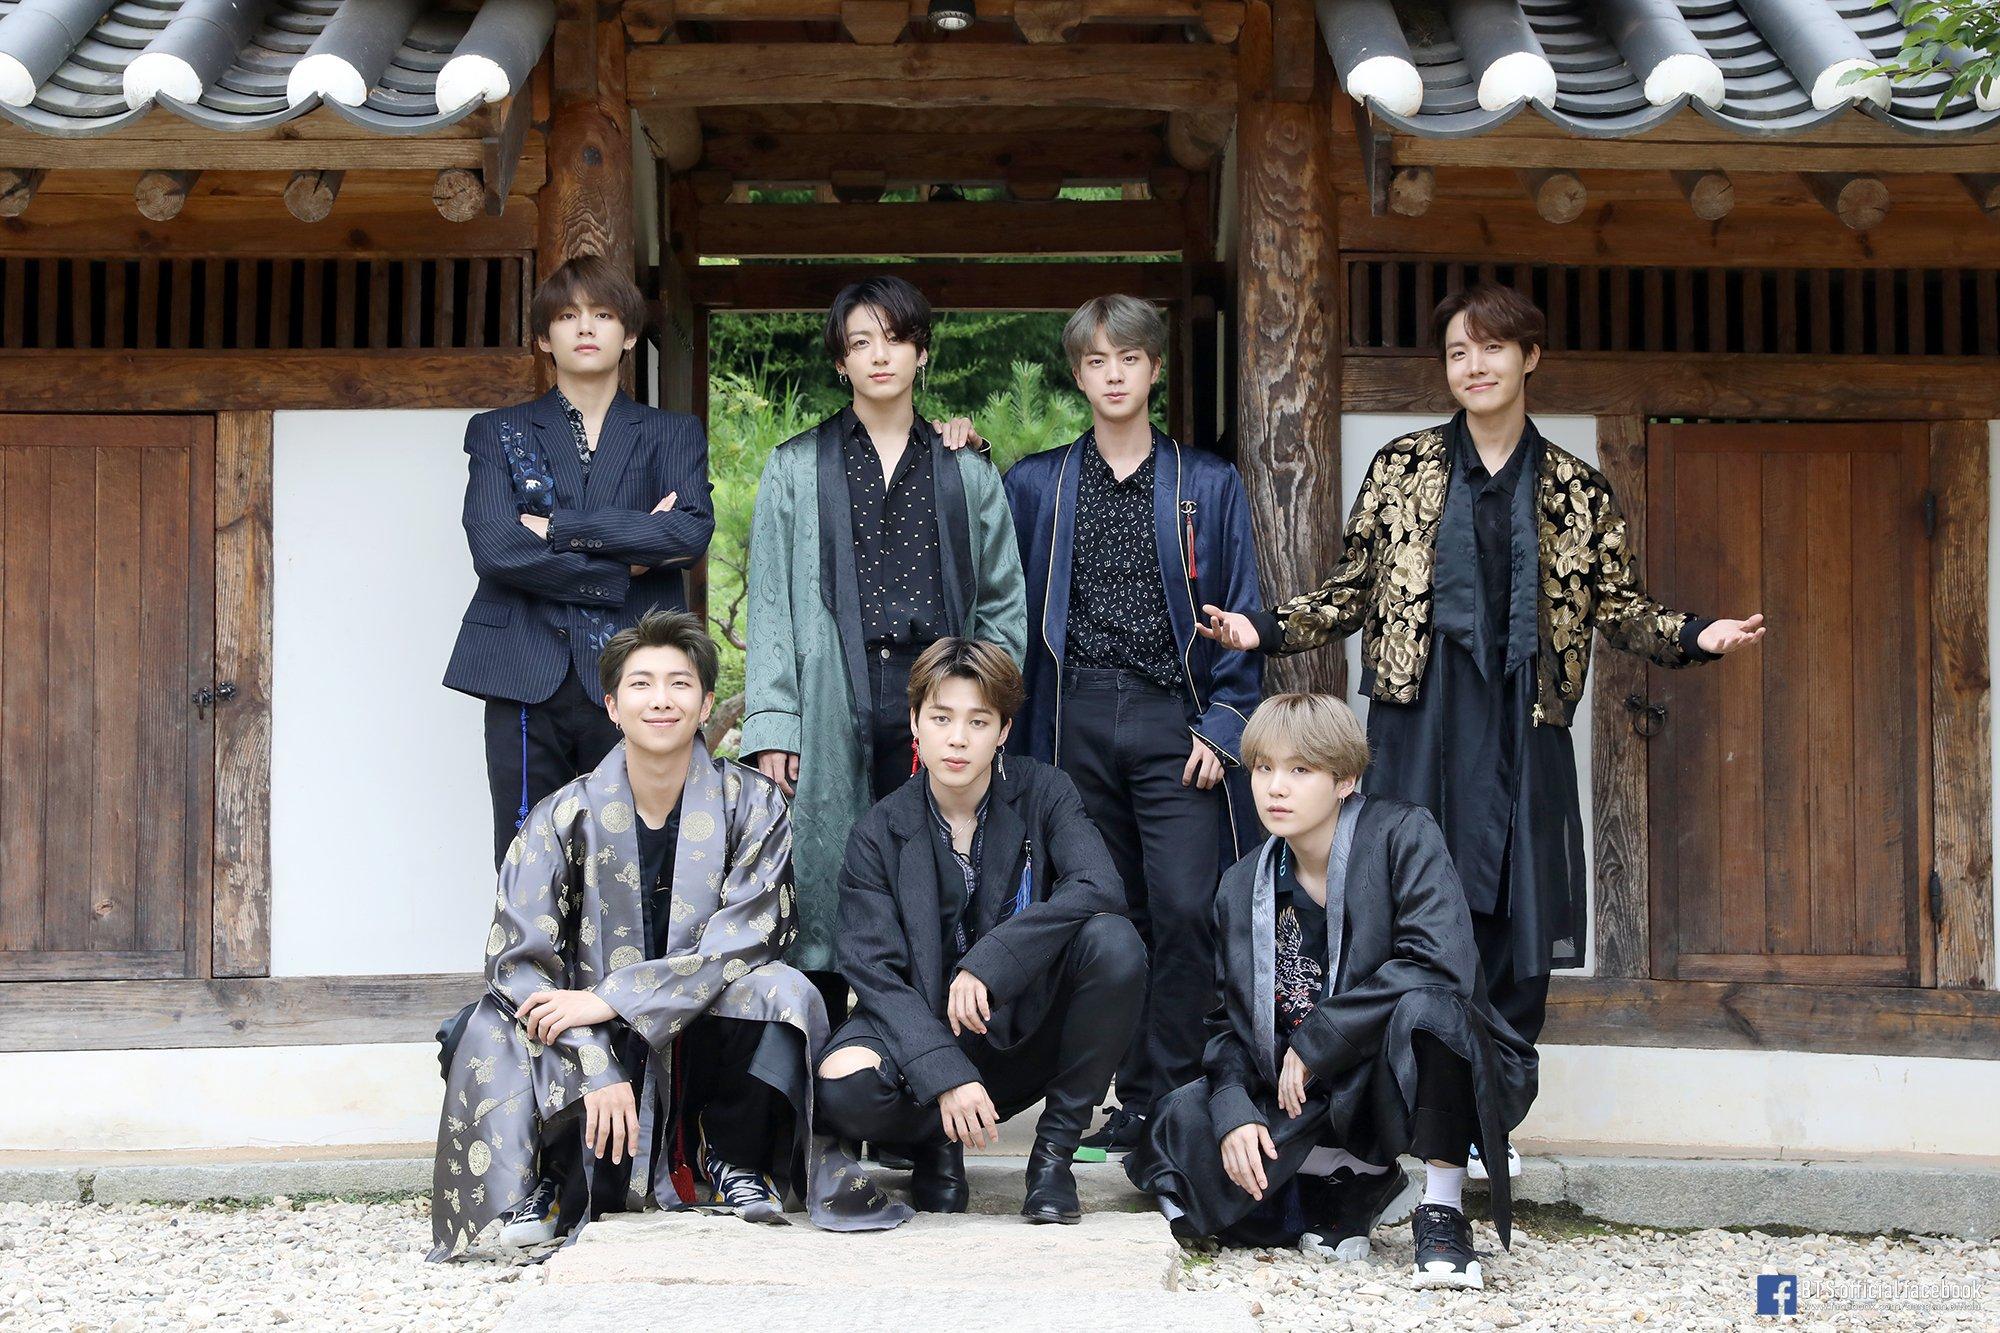 BTS Chuseok 2019 dari kiri ke atas searah jarum jam: V, Jungkook, Jin, J-Hope, Suga, Jimin dan RM